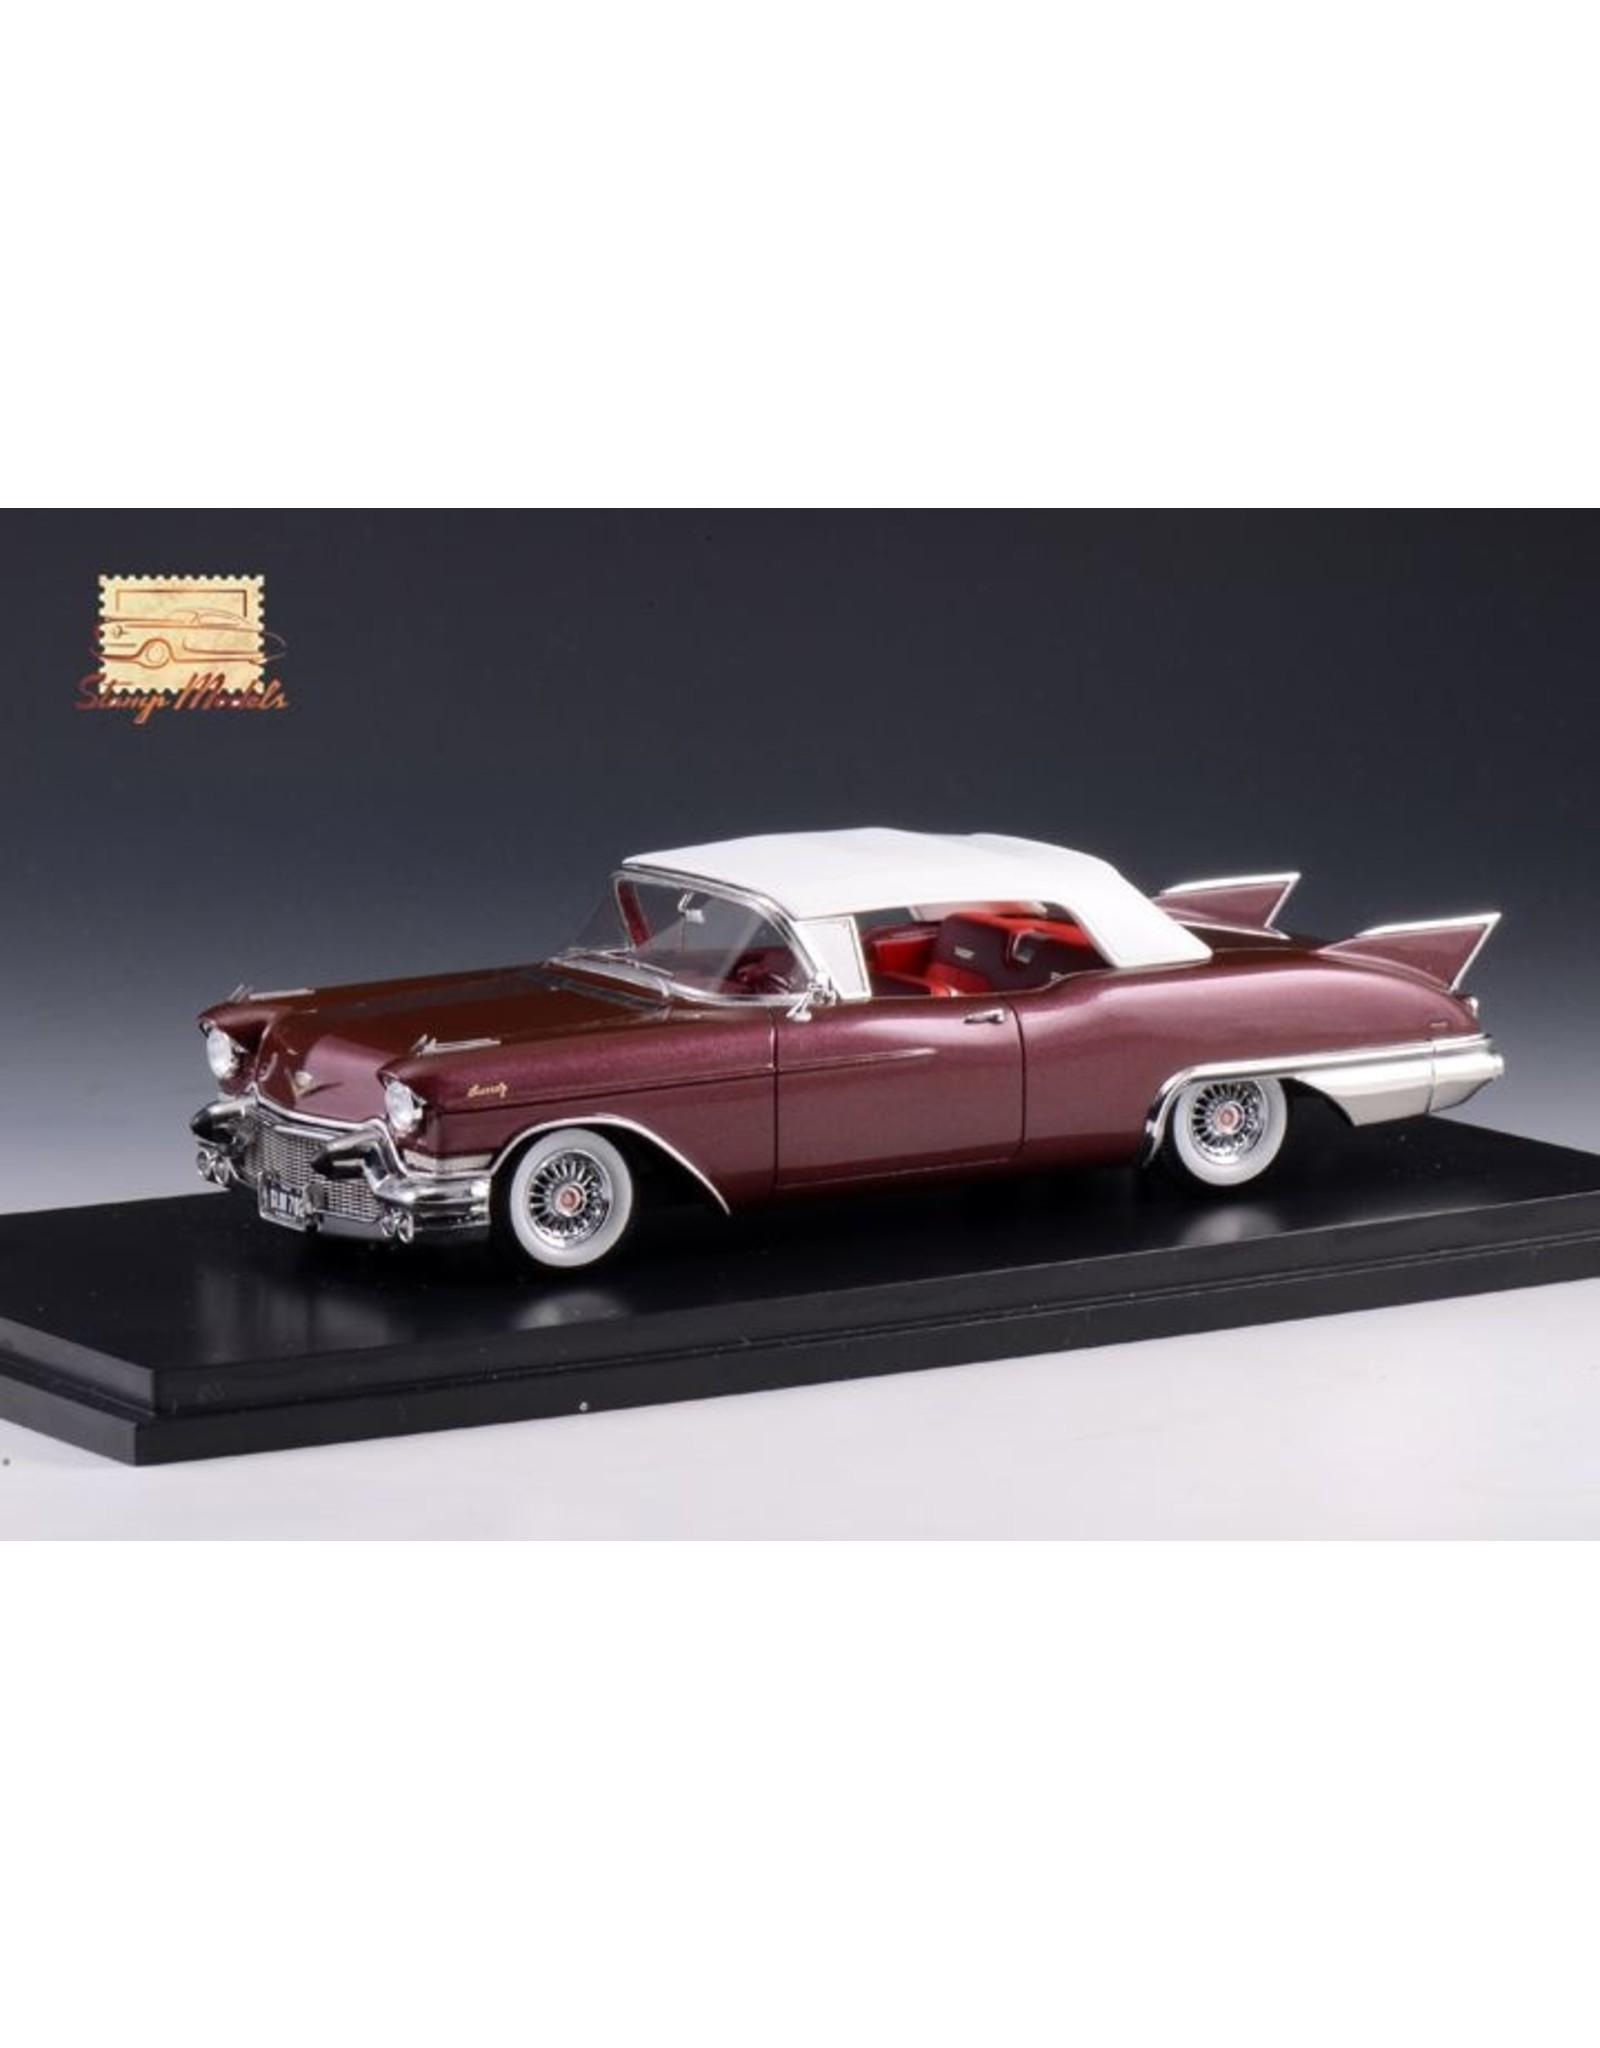 Cadillac(General Motors) Cadillac Eldorado Biarritz 1957(closed top)1957Castile marron metallic)